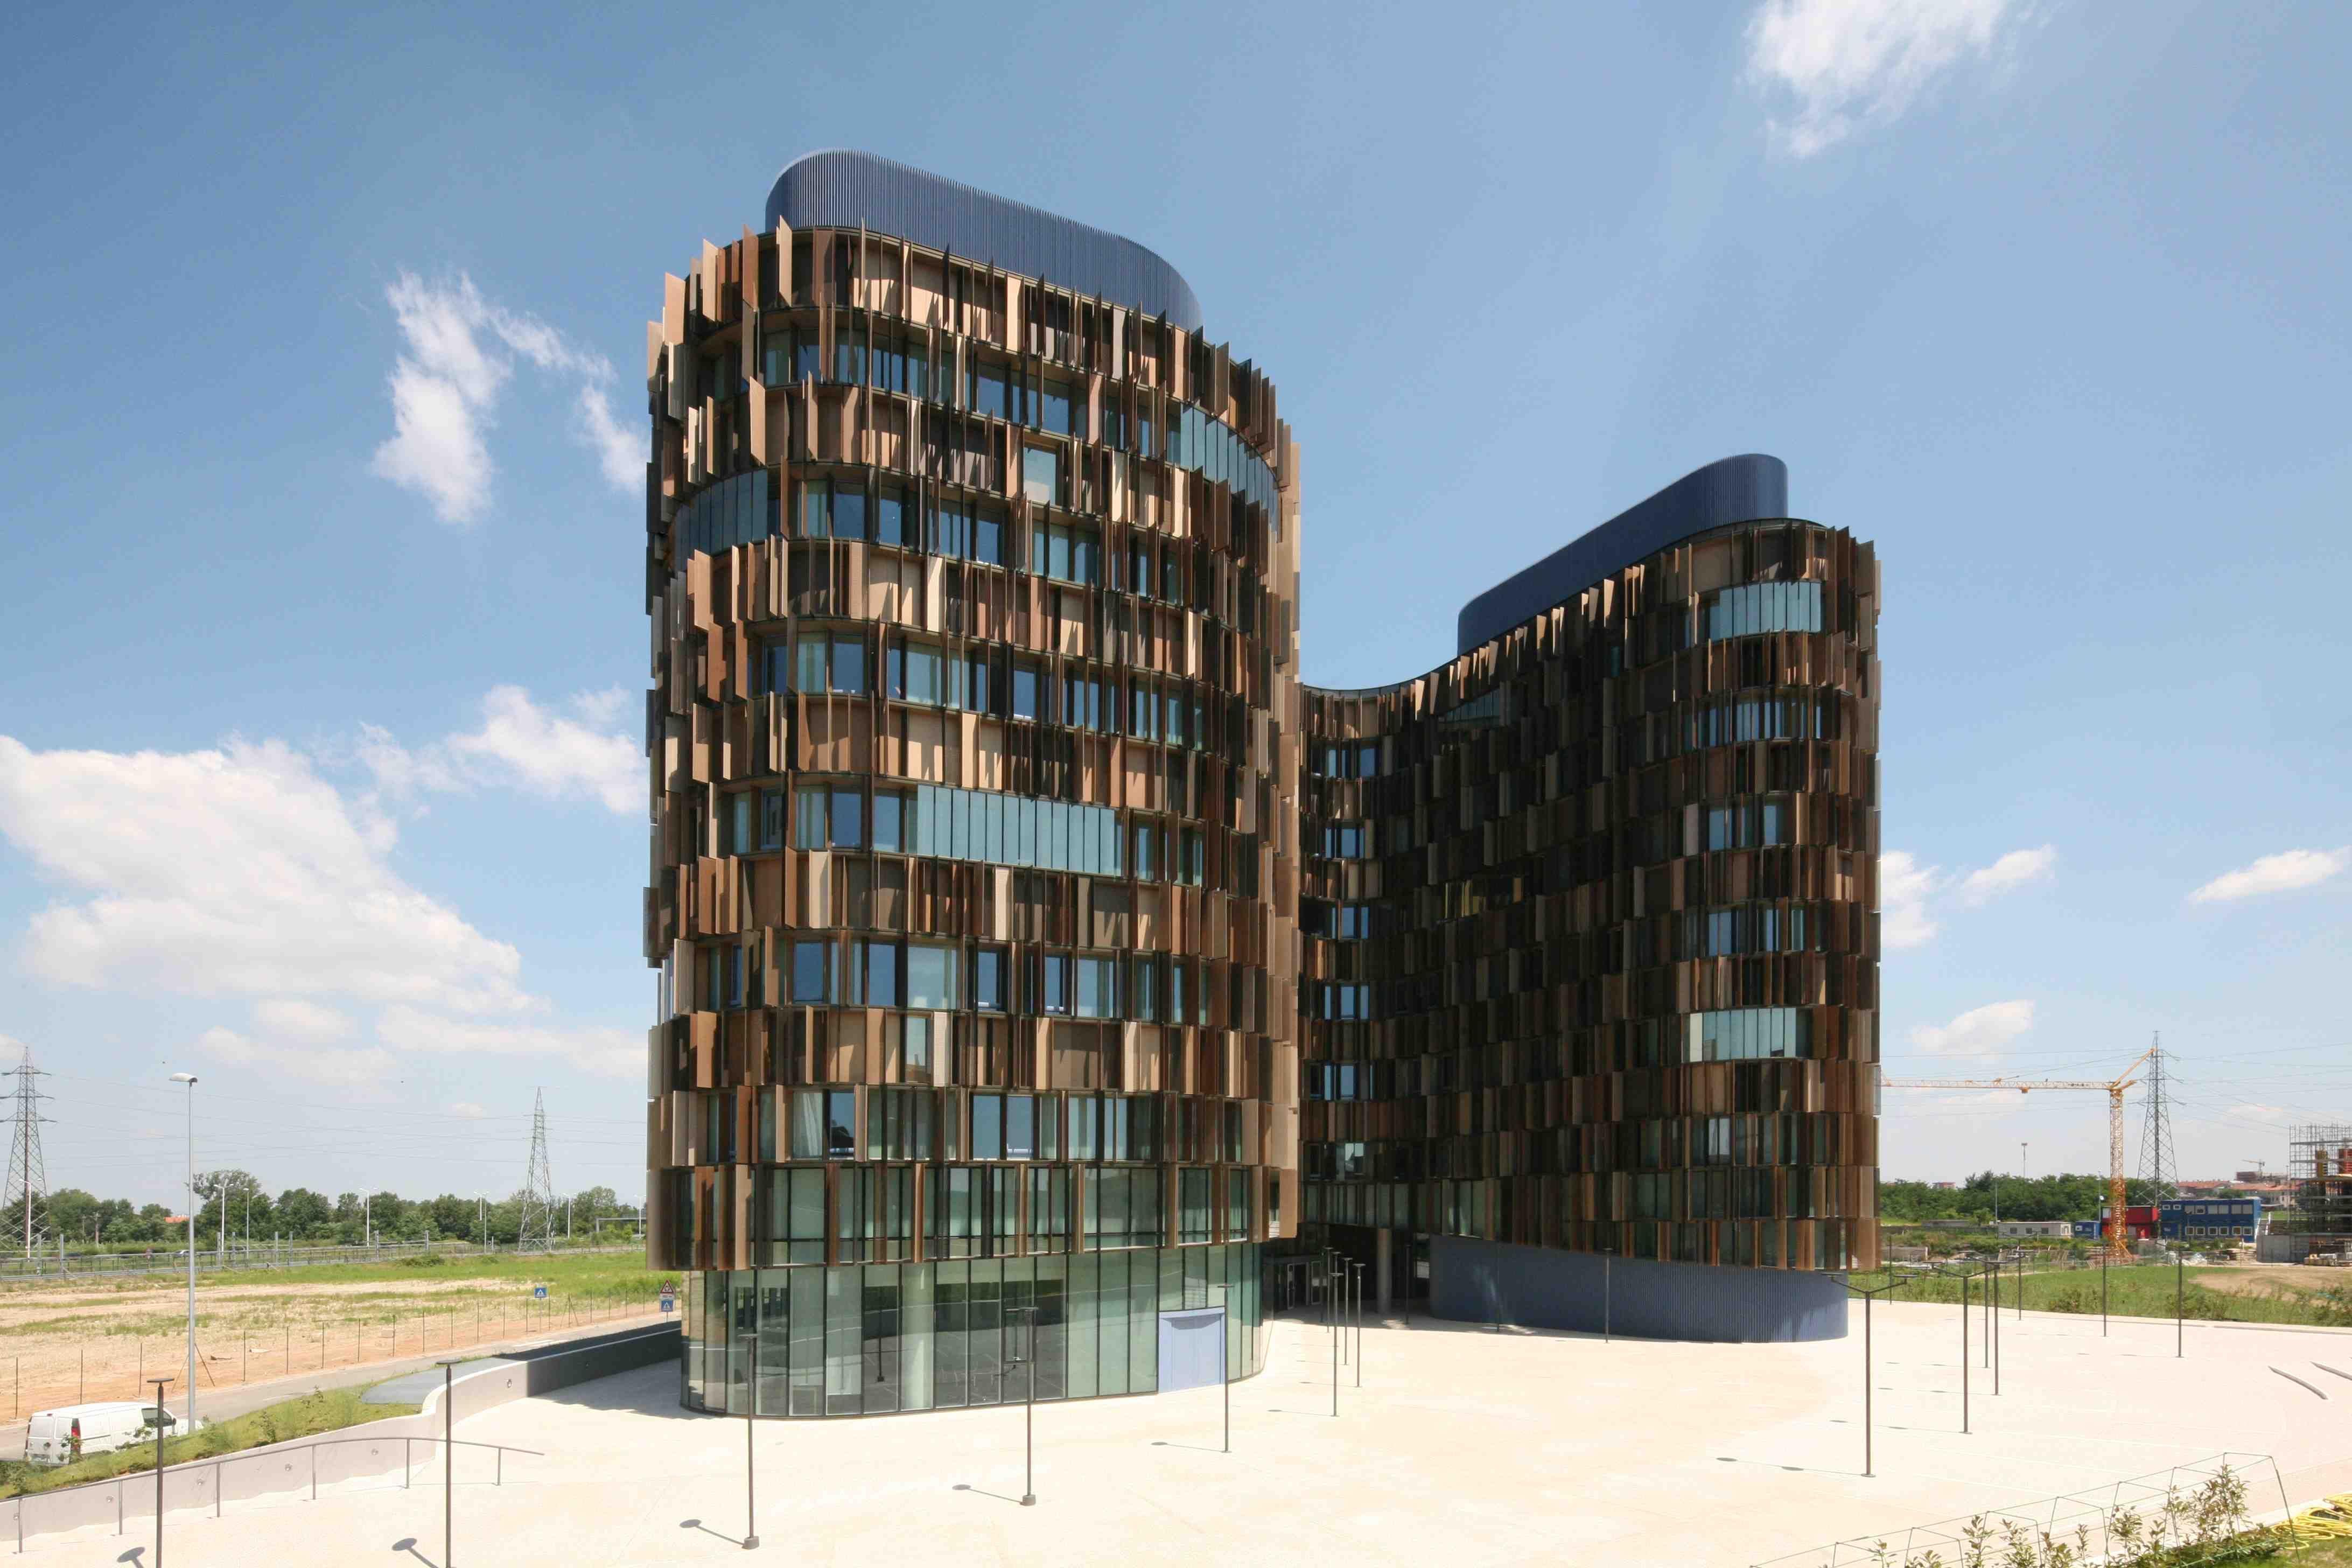 Cino Zucchi - Edificio U15